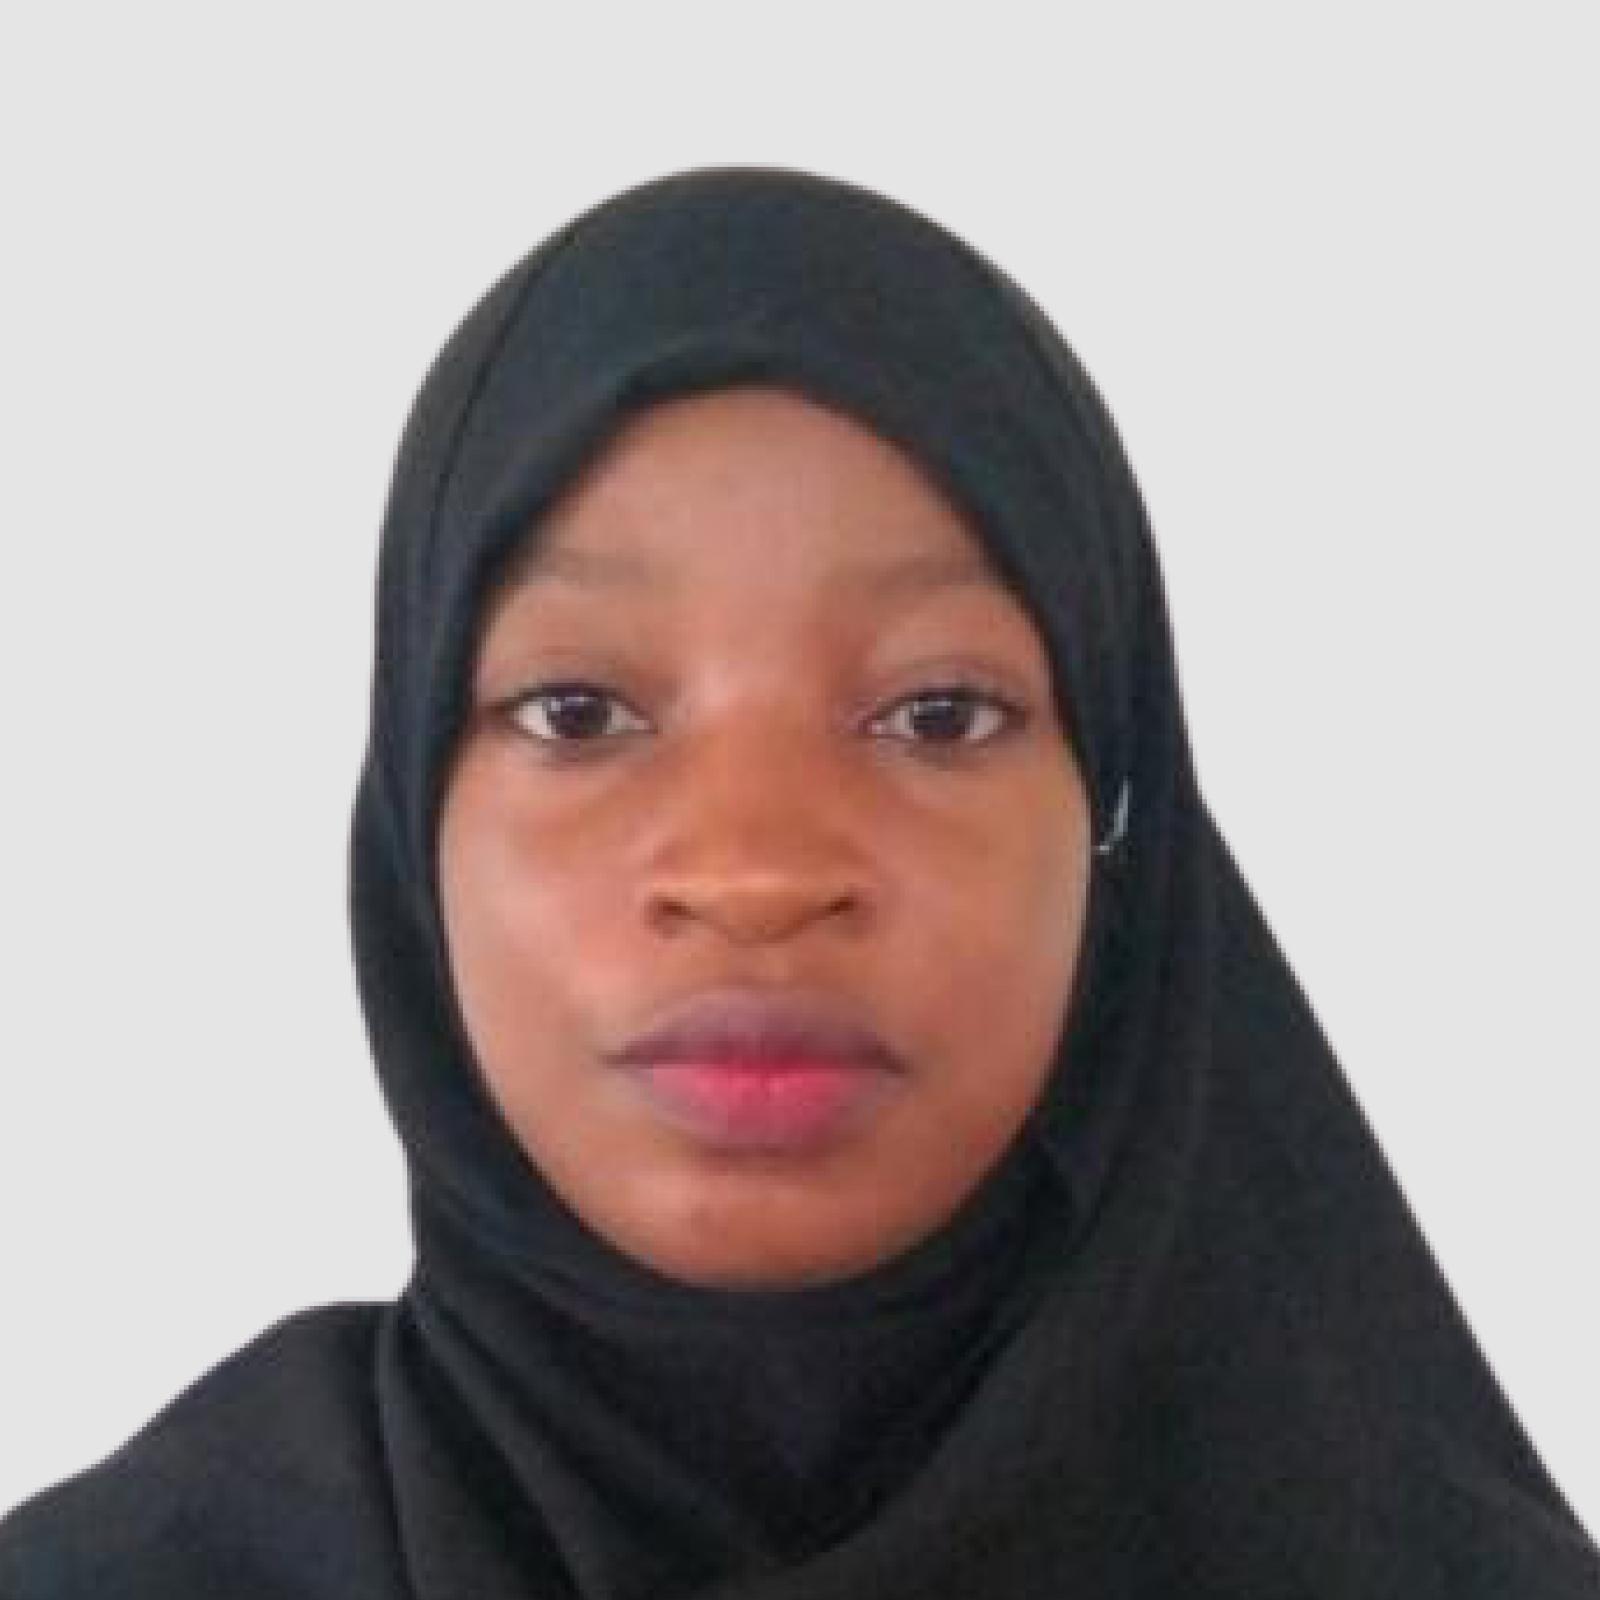 https://devafrique.com/wp-content/uploads/2021/07/Mariam-Adeyemo-Analyst-Nigeria-2.jpg